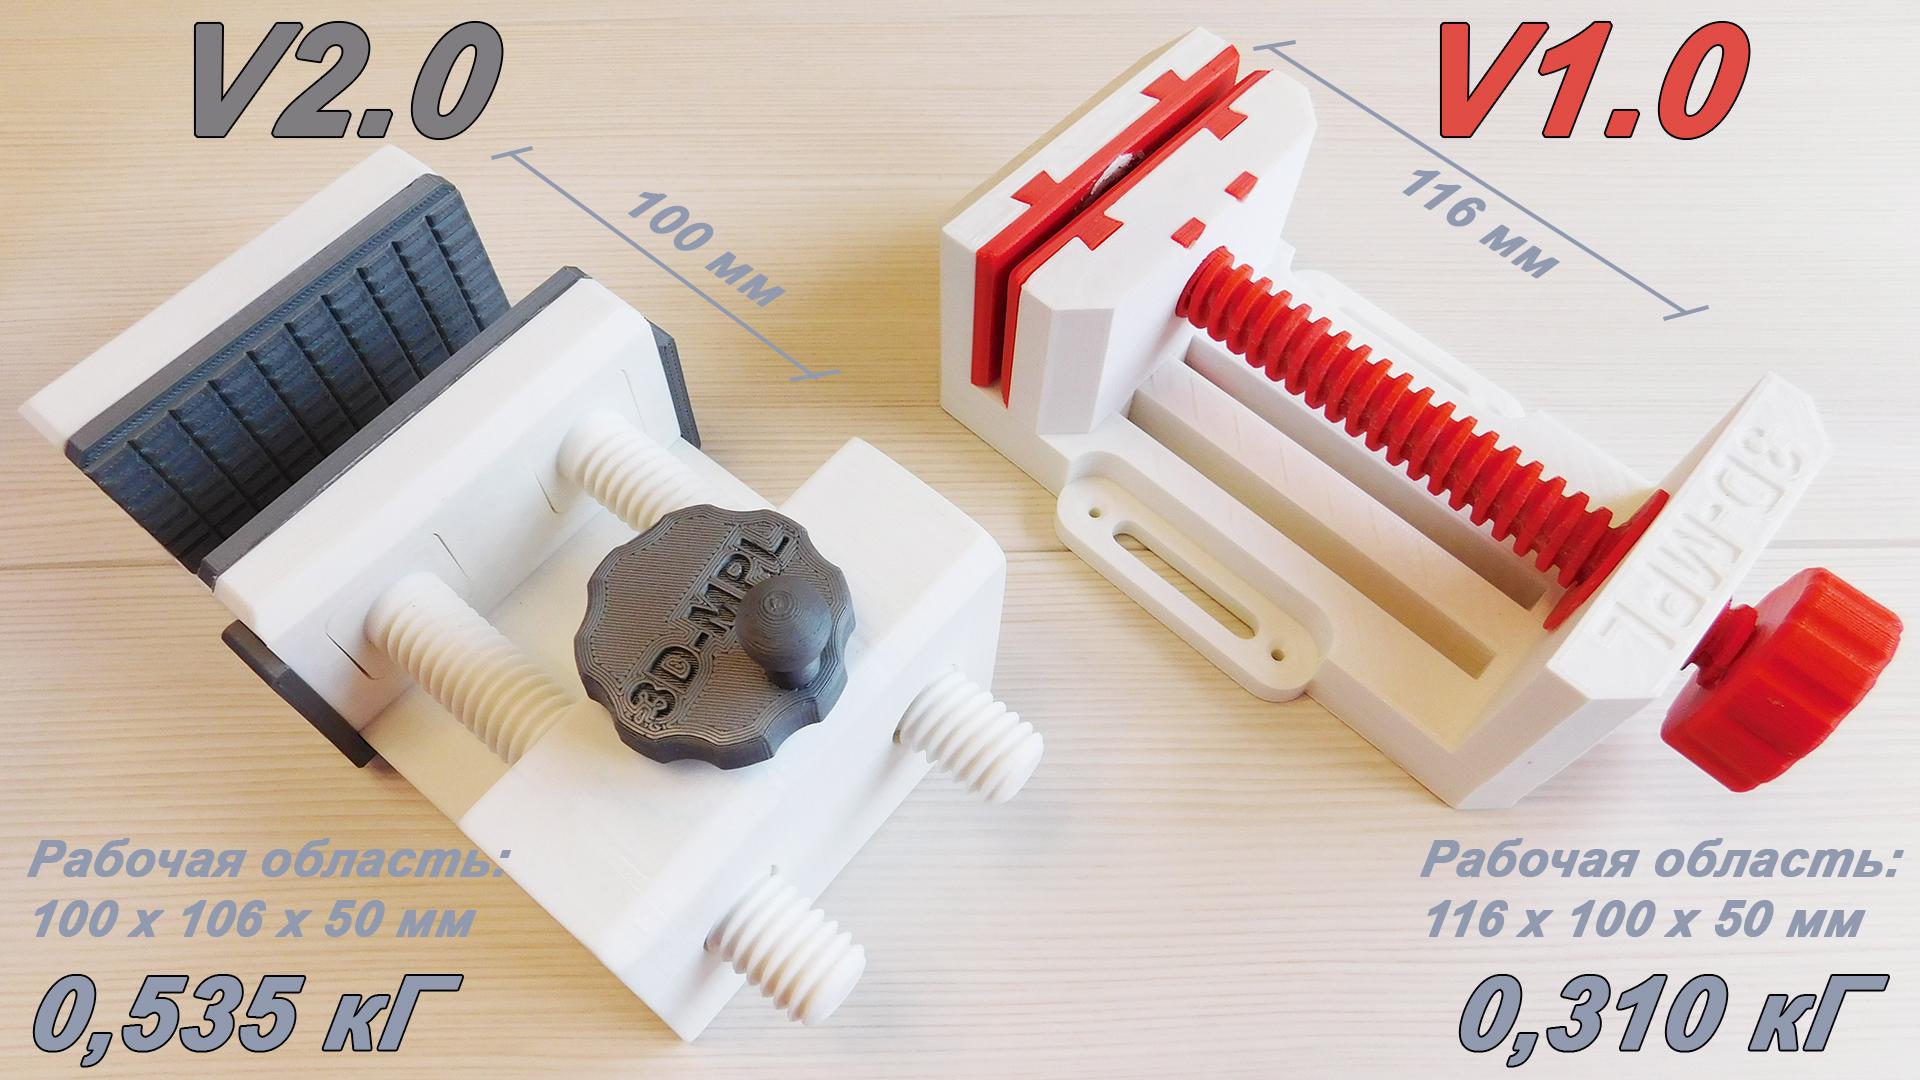 Тиски механические. Сравнение v1 и v2